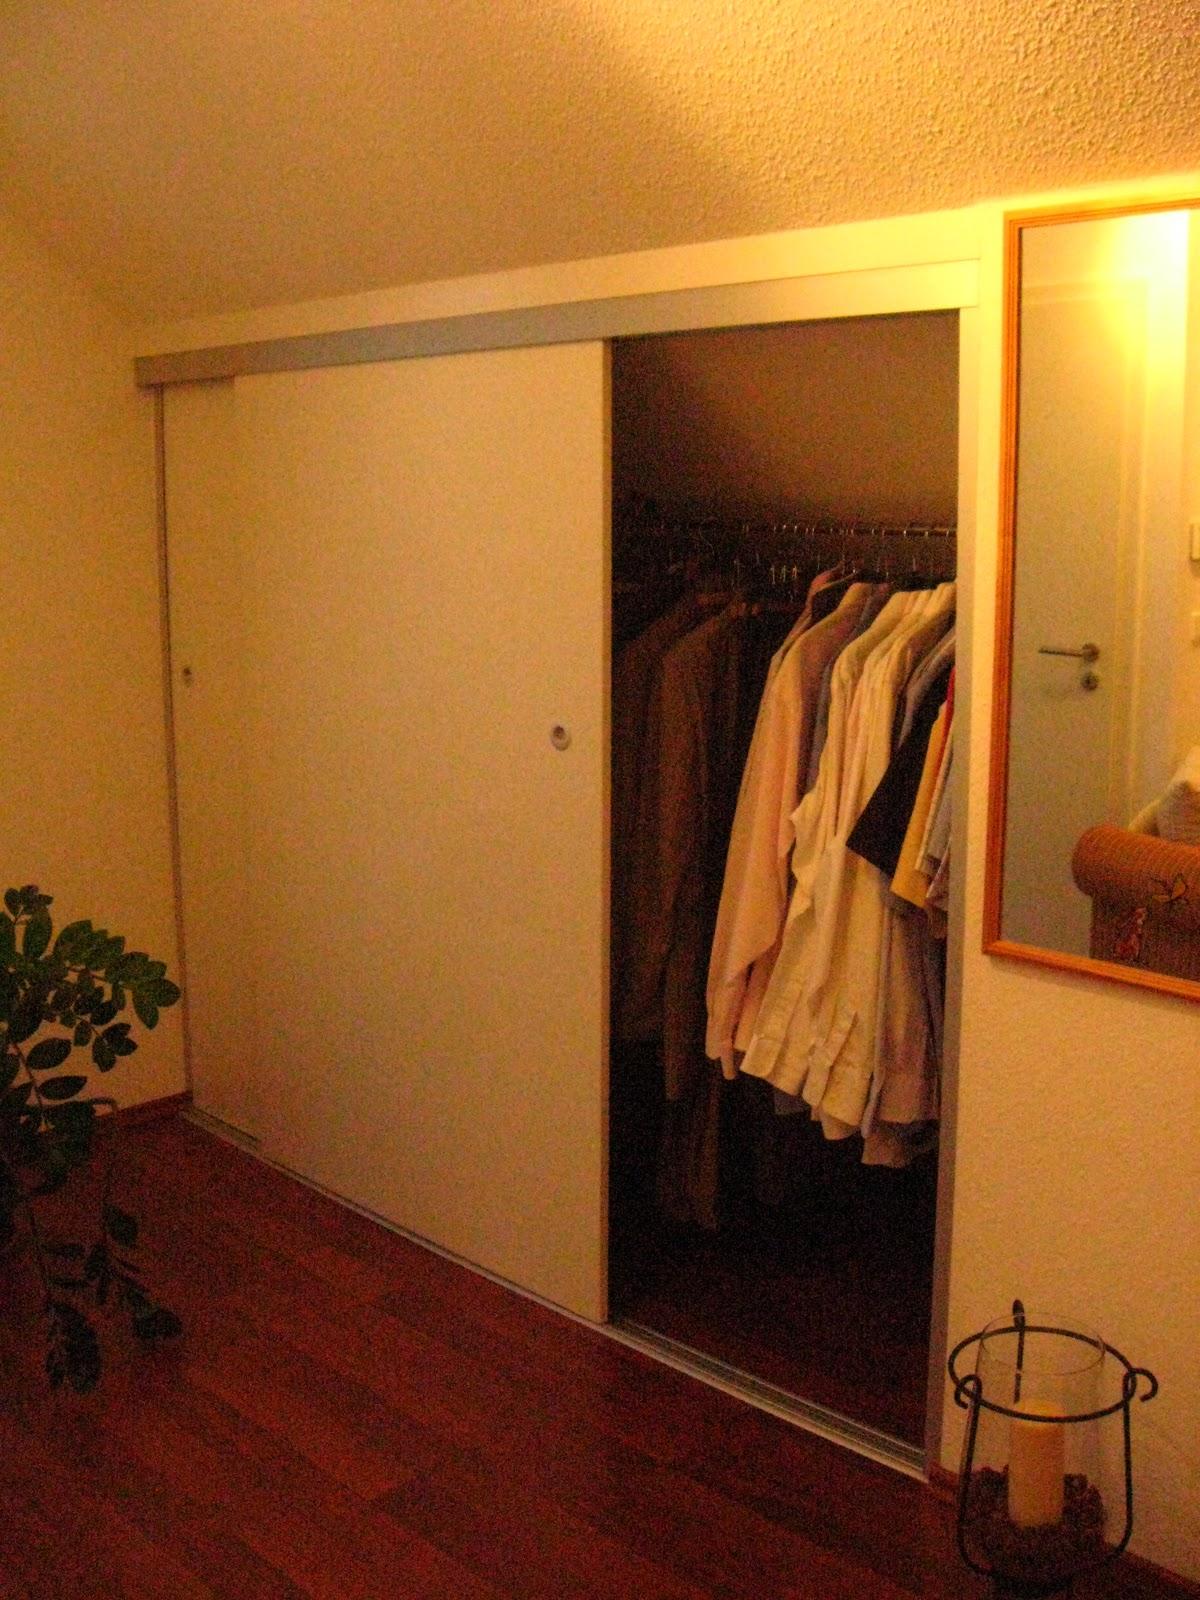 einbauschrankprojekt raumteiler t r mit dachschr ge trennwand mit fenster und. Black Bedroom Furniture Sets. Home Design Ideas